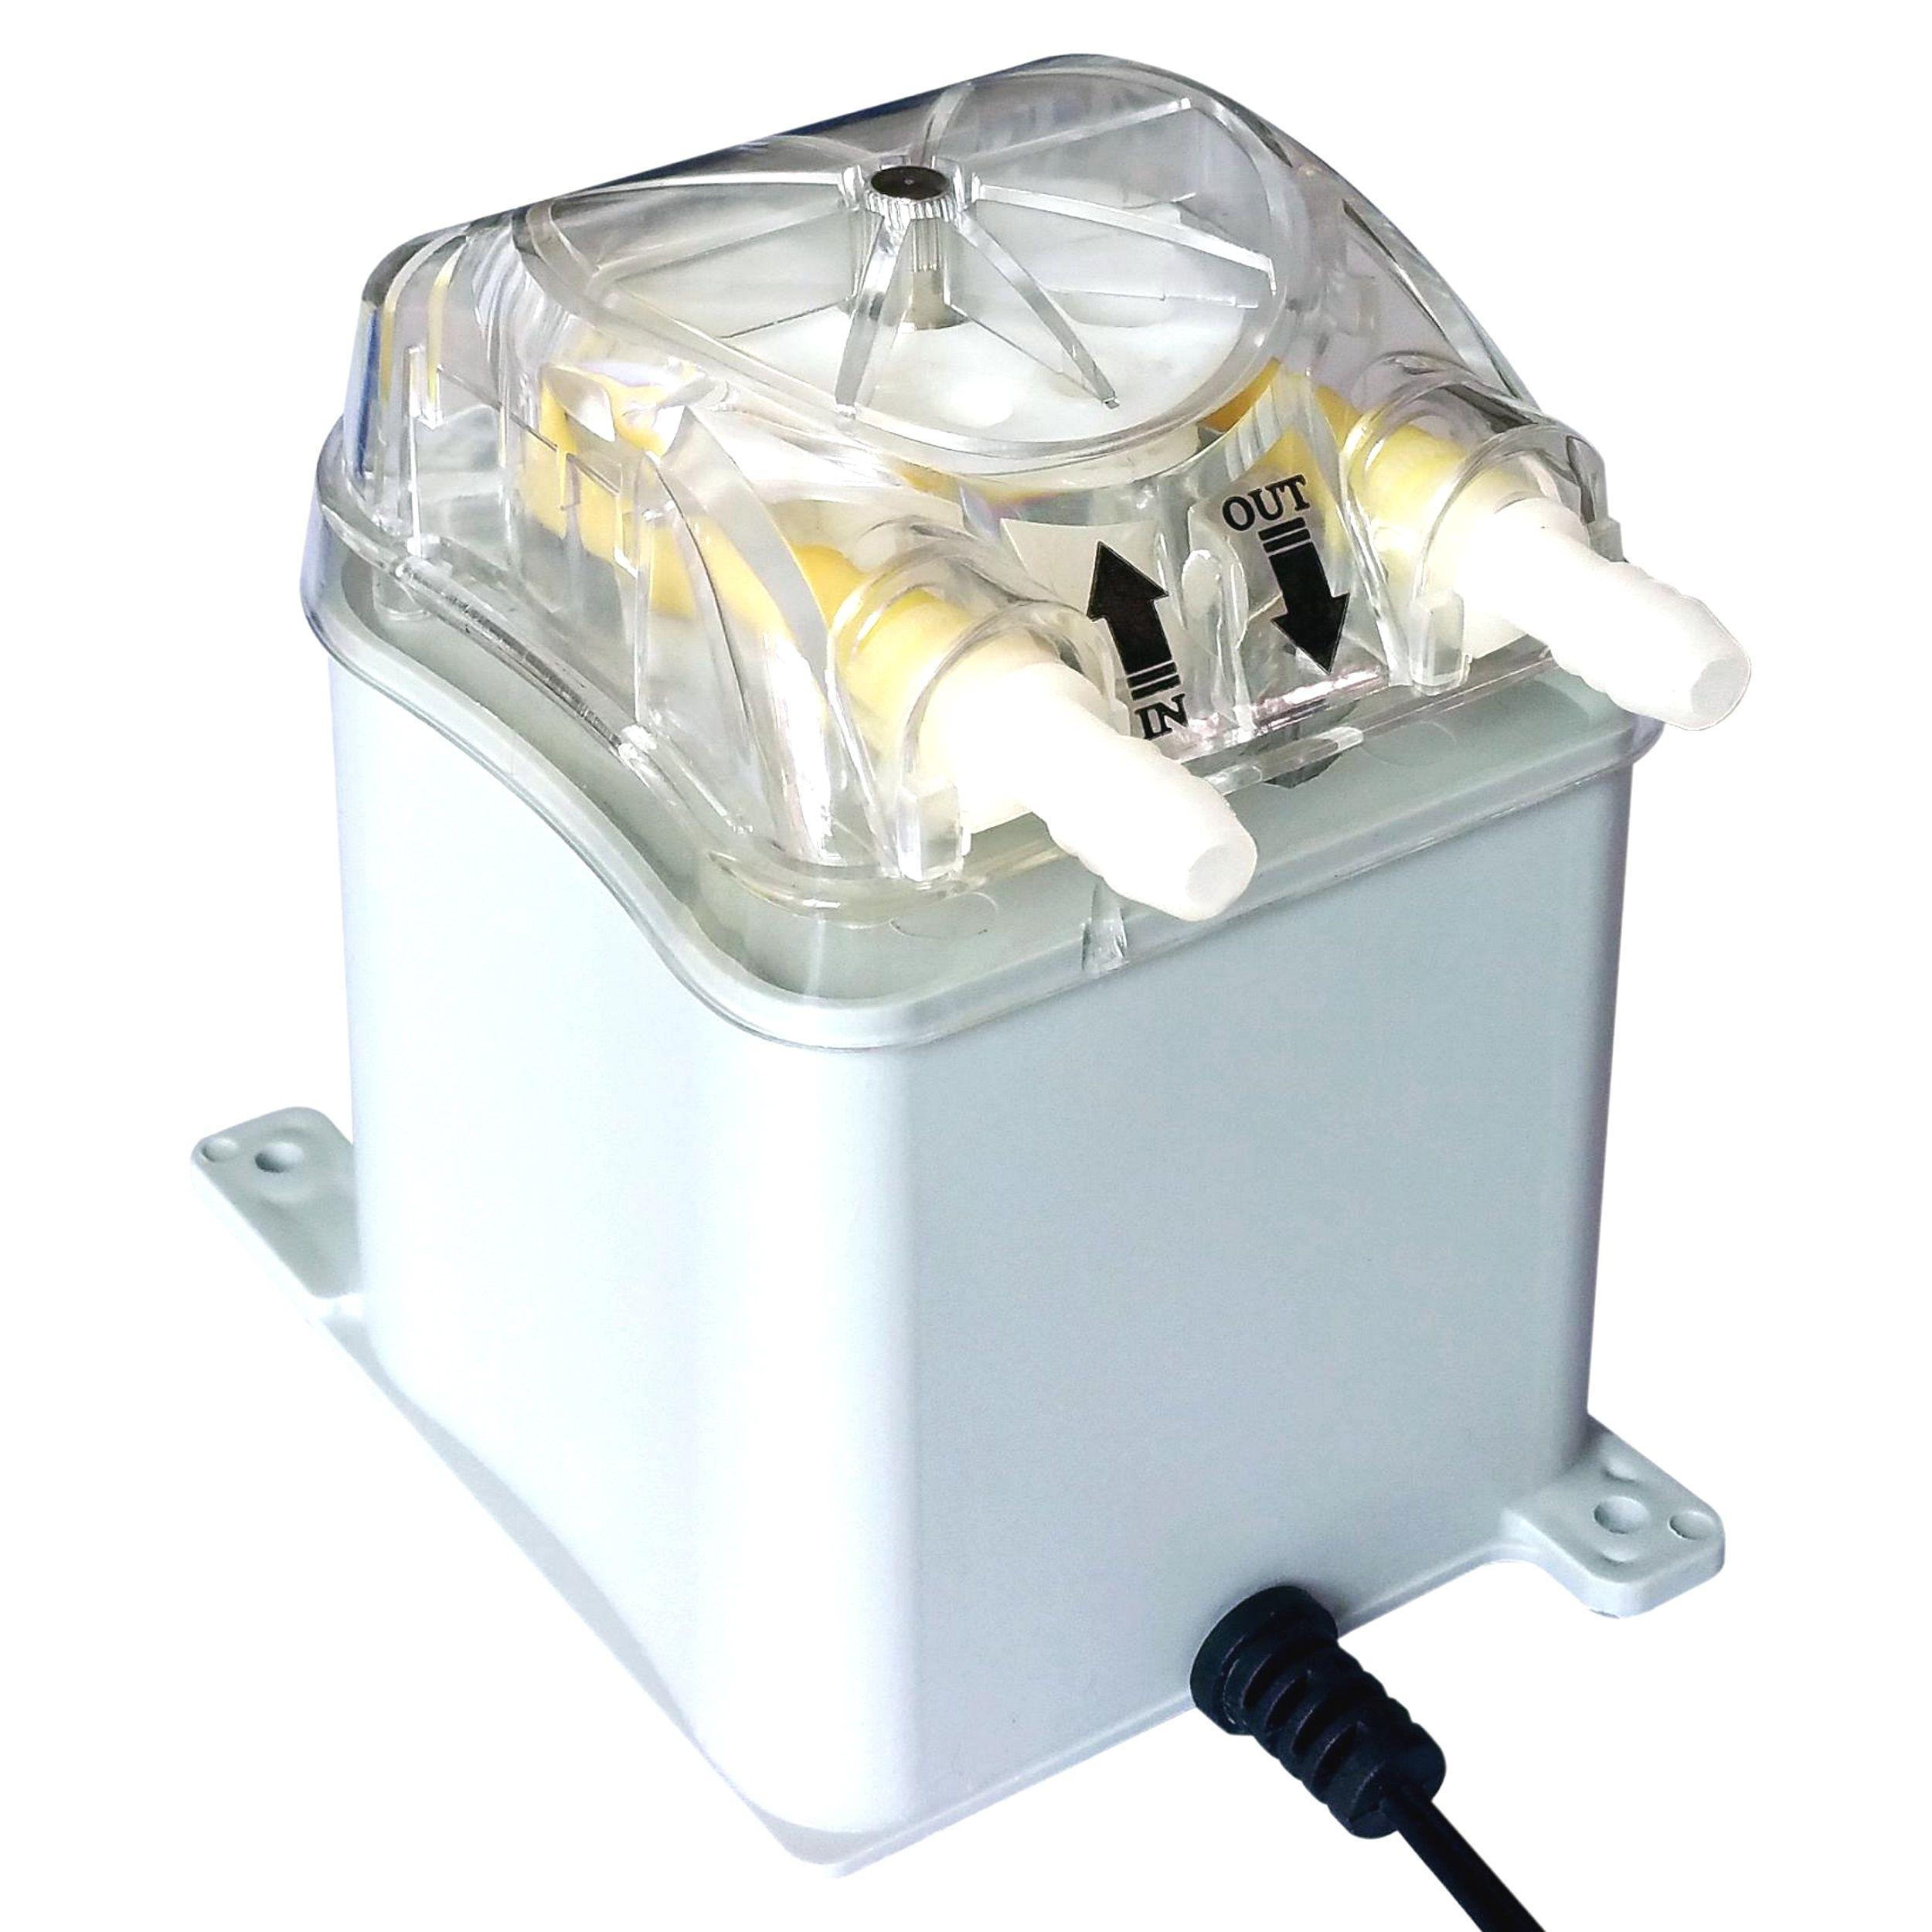 Pompe péristaltique 1000 ml/min, 30psi, Honlite 24 V avec tête de pompe échangeable et Tube péristaltique BPT